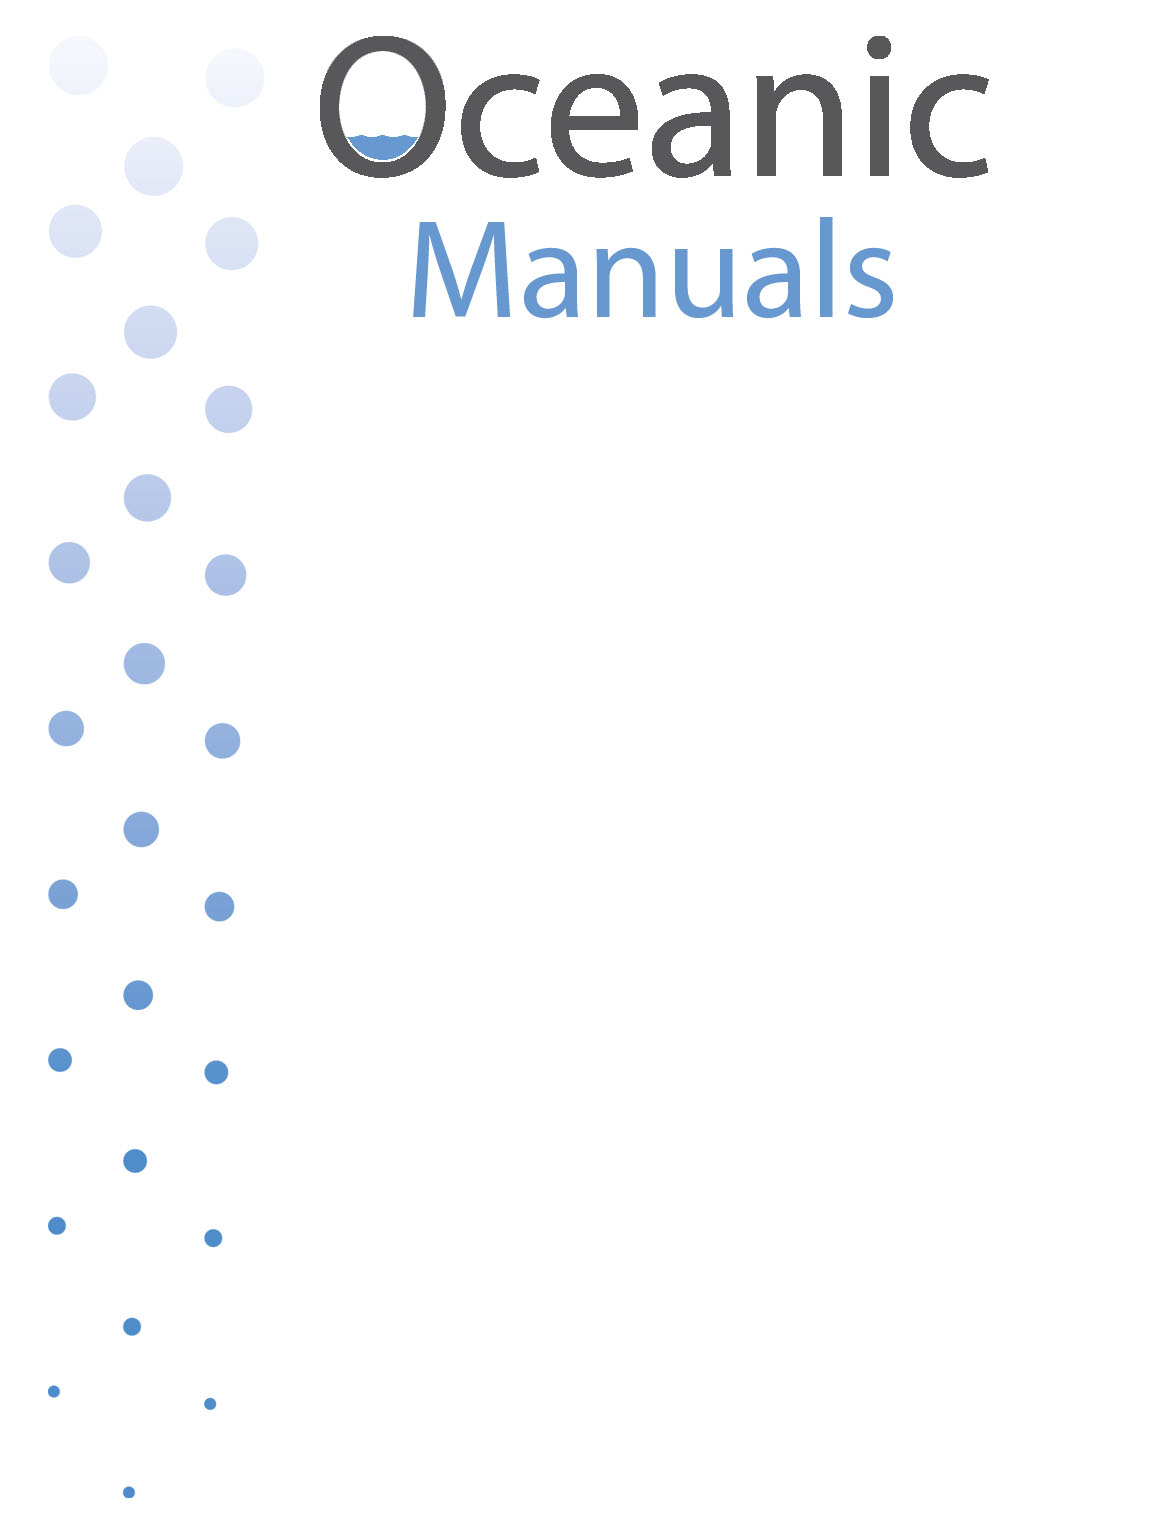 Manuals